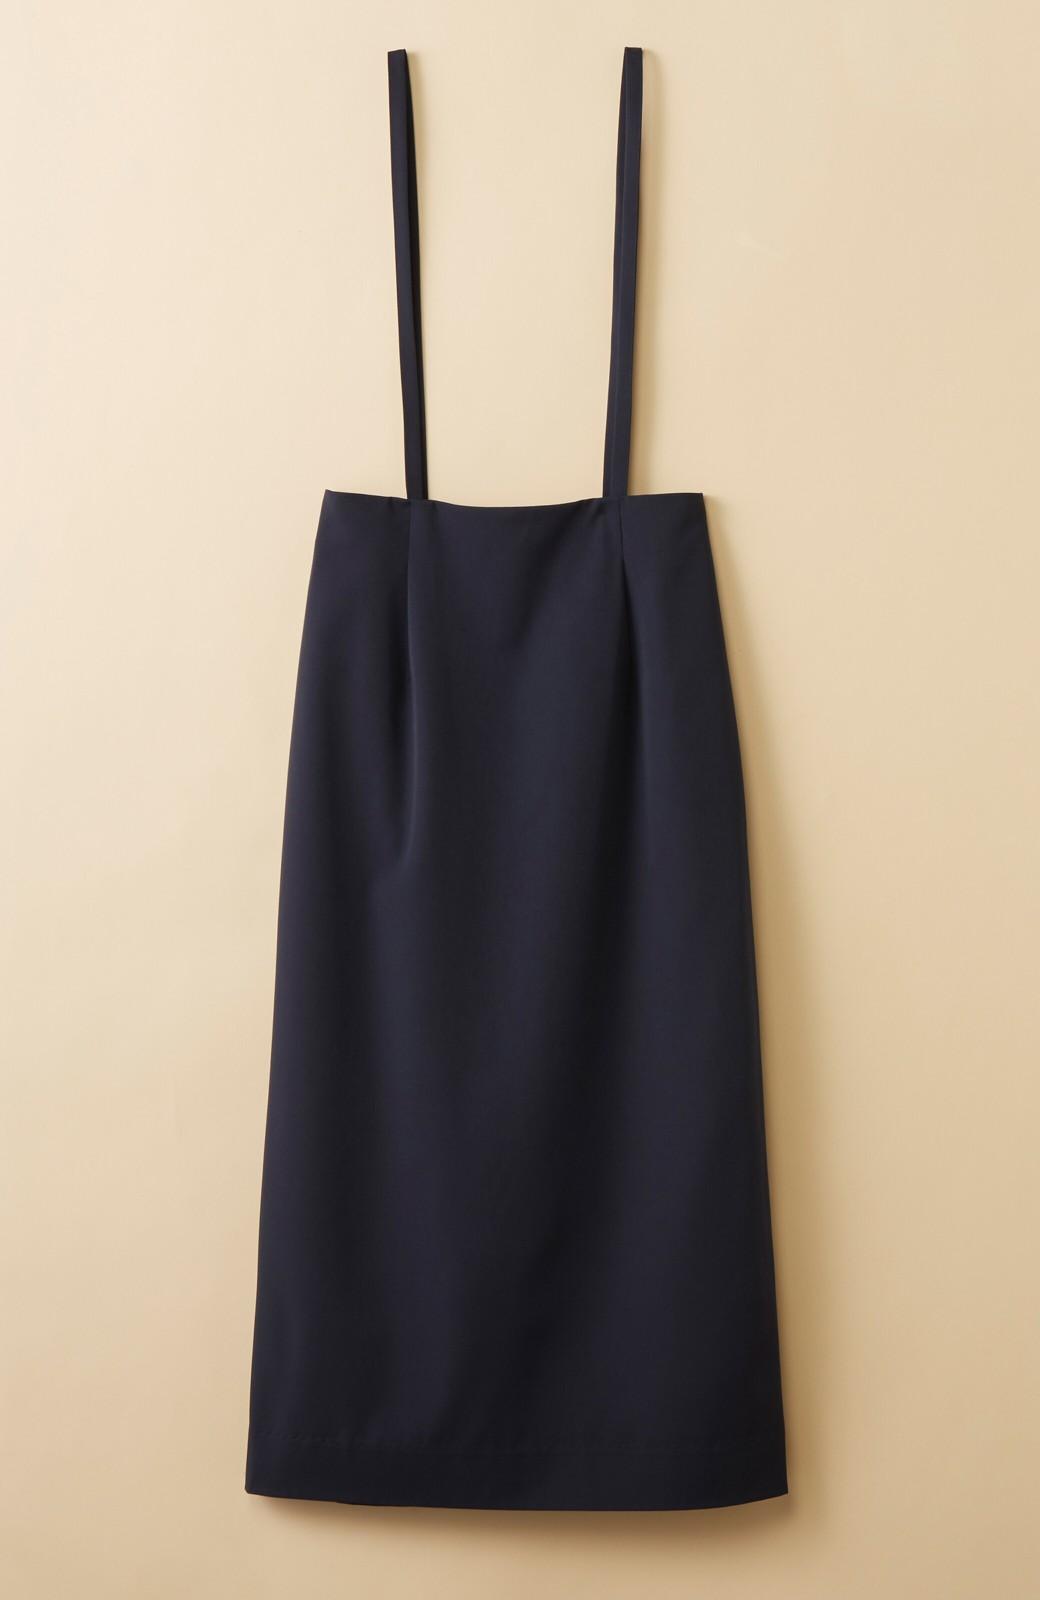 haco! 真面目すぎずにきちんと見えする サスペンダー付きタイトスカート by que made me <ネイビー>の商品写真20